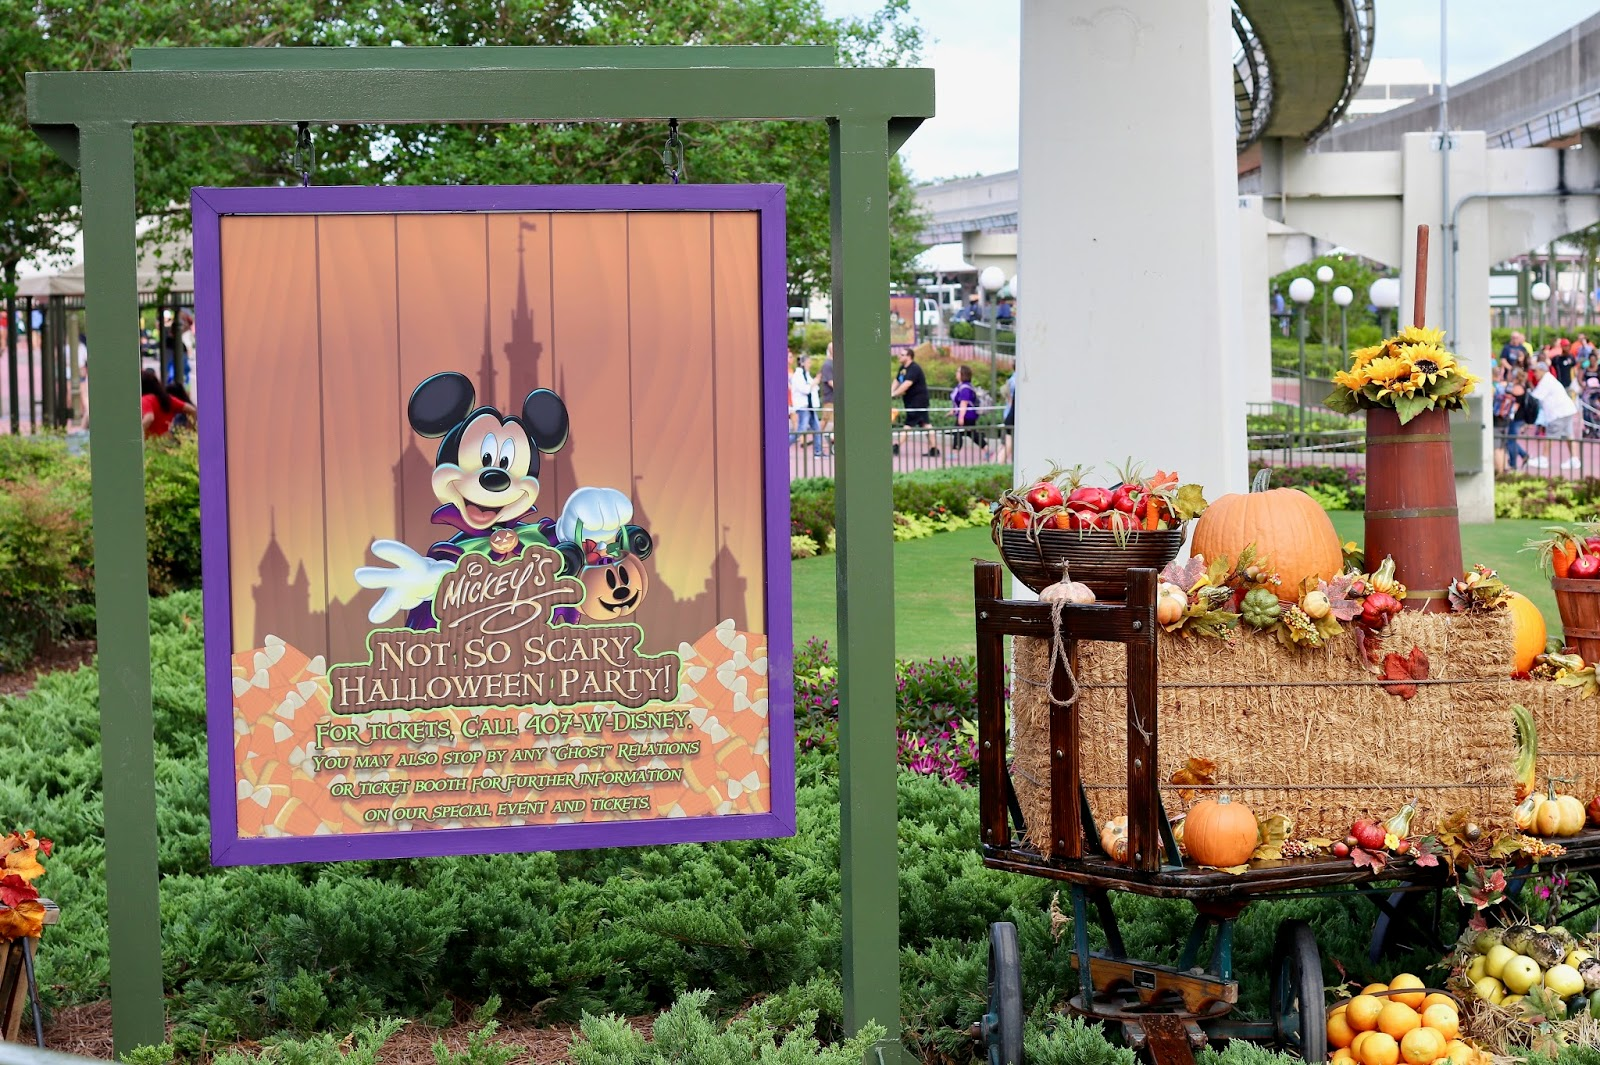 Micky's-Not-So-Scary-Halloween-Party-Magic-Kingdom-Disney-World